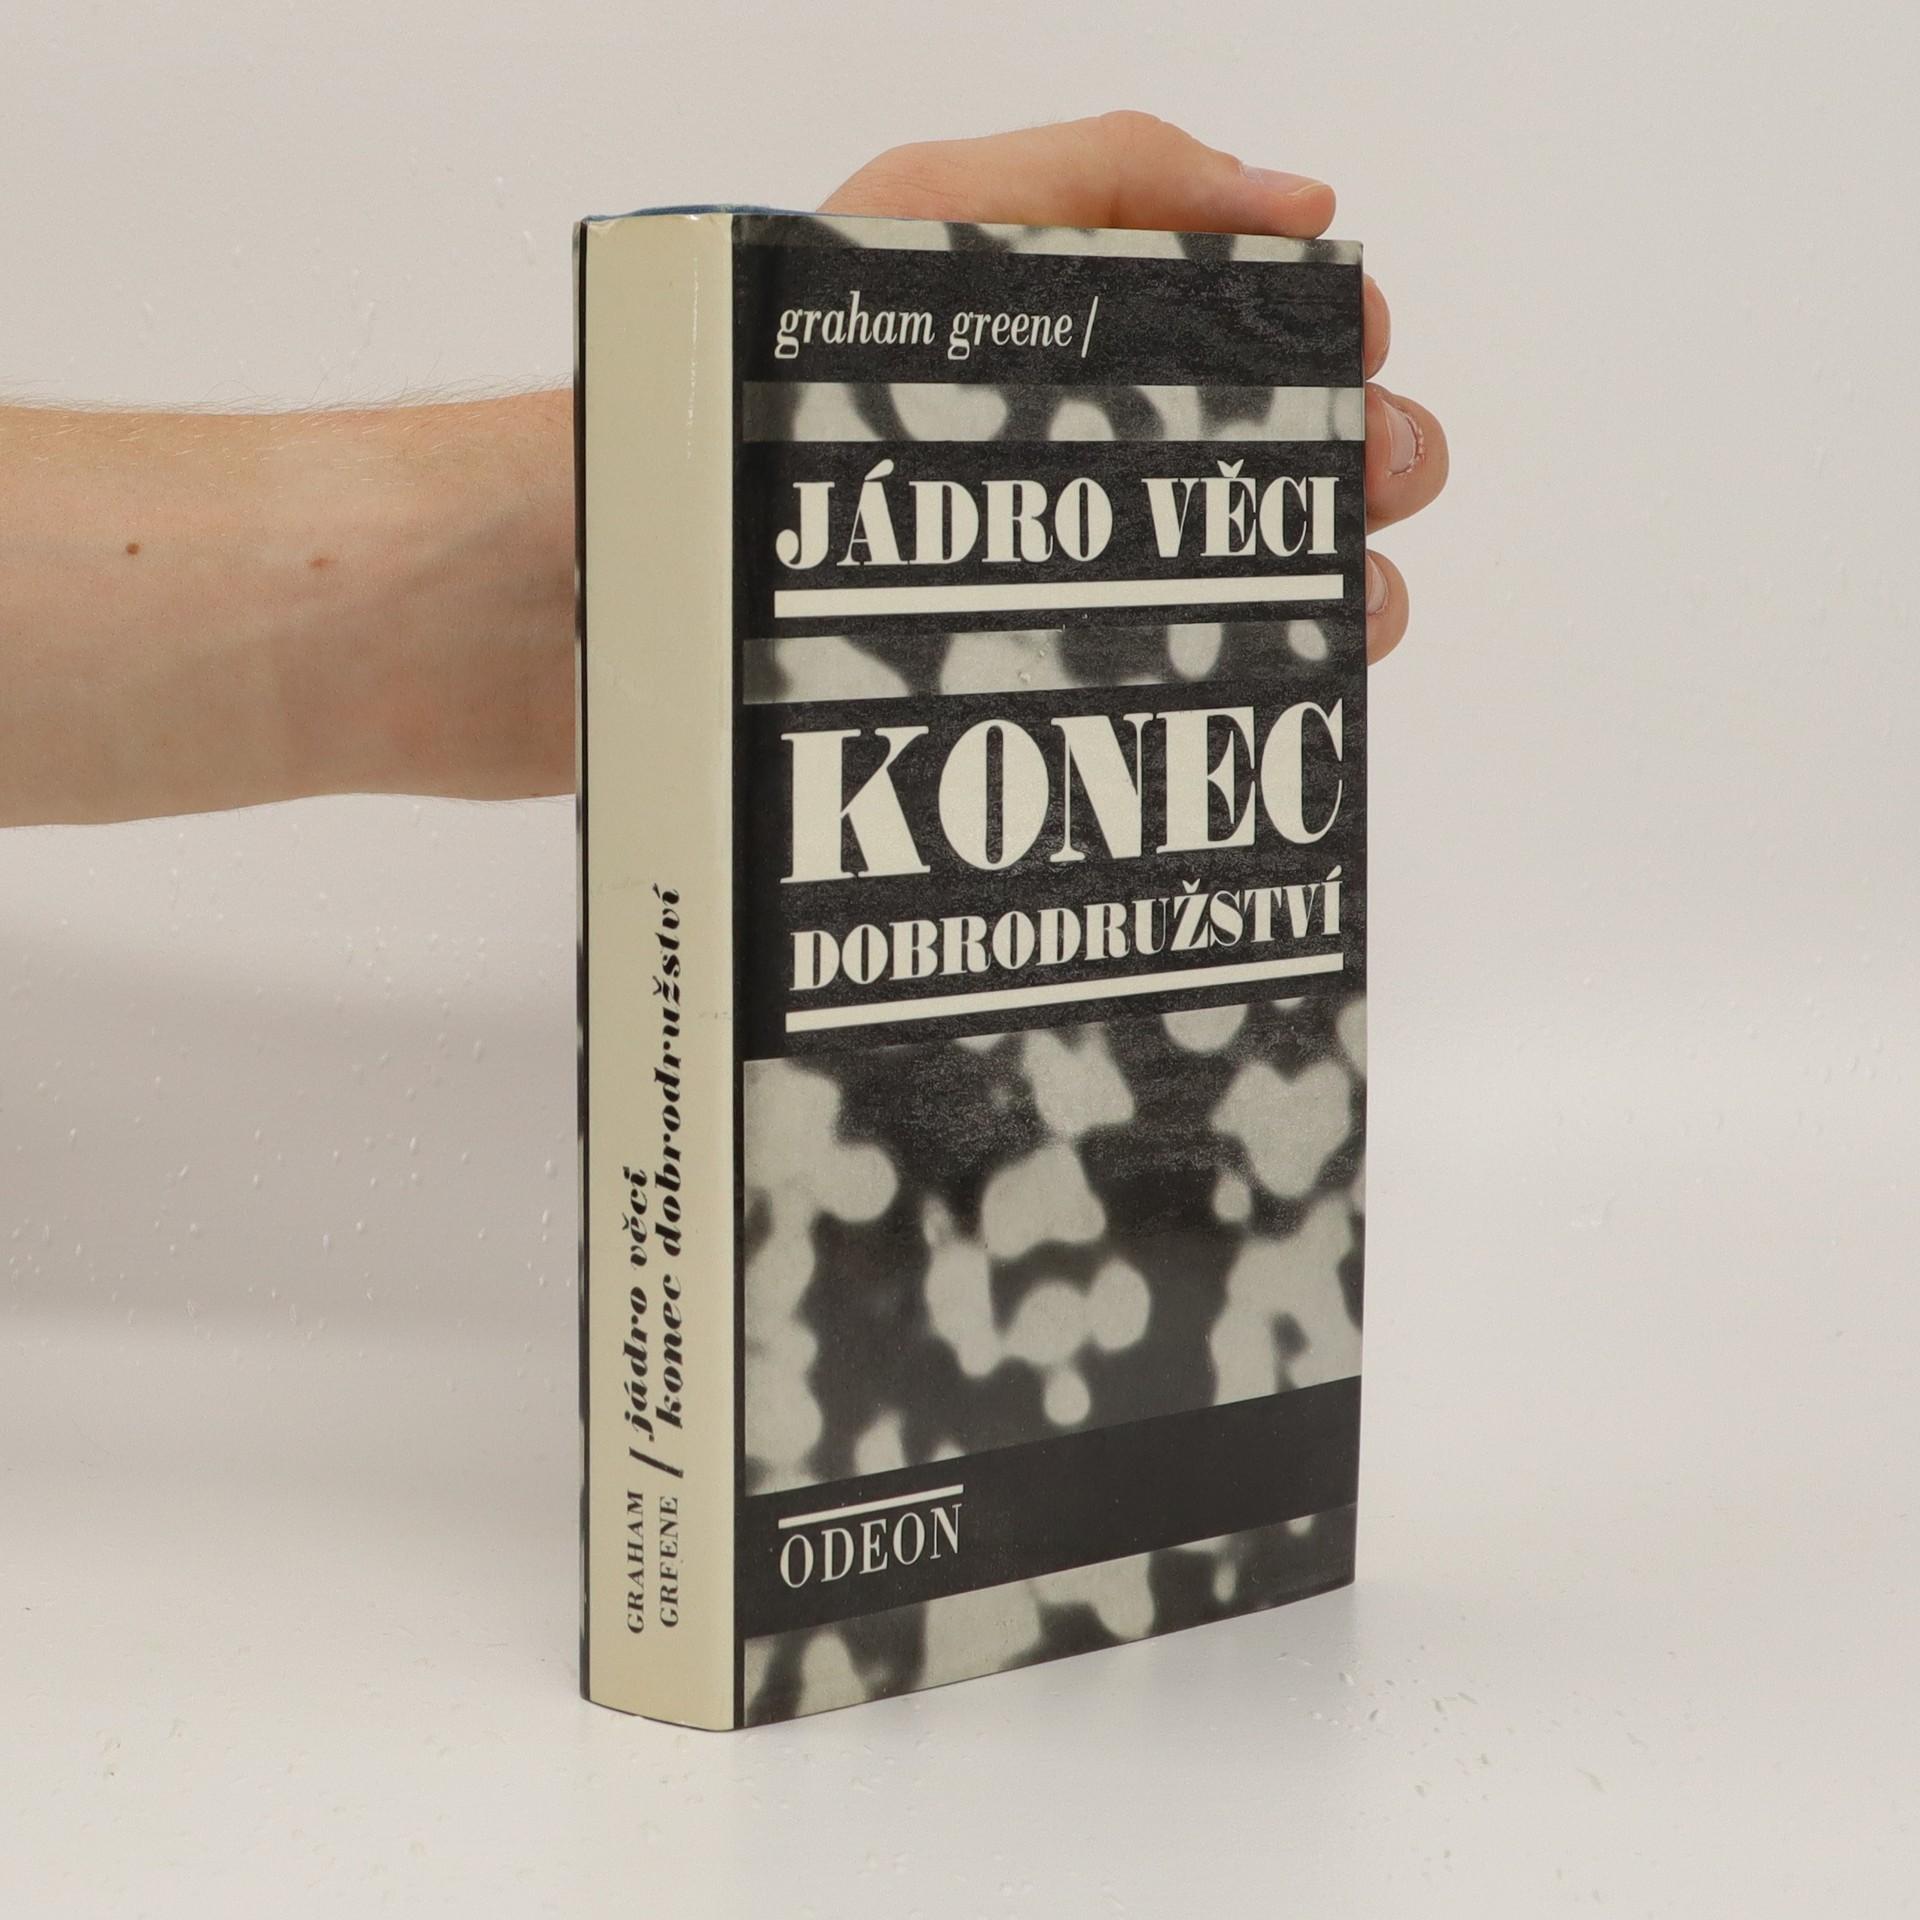 antikvární kniha Jádro věci. Konec dobrodružství, 1986